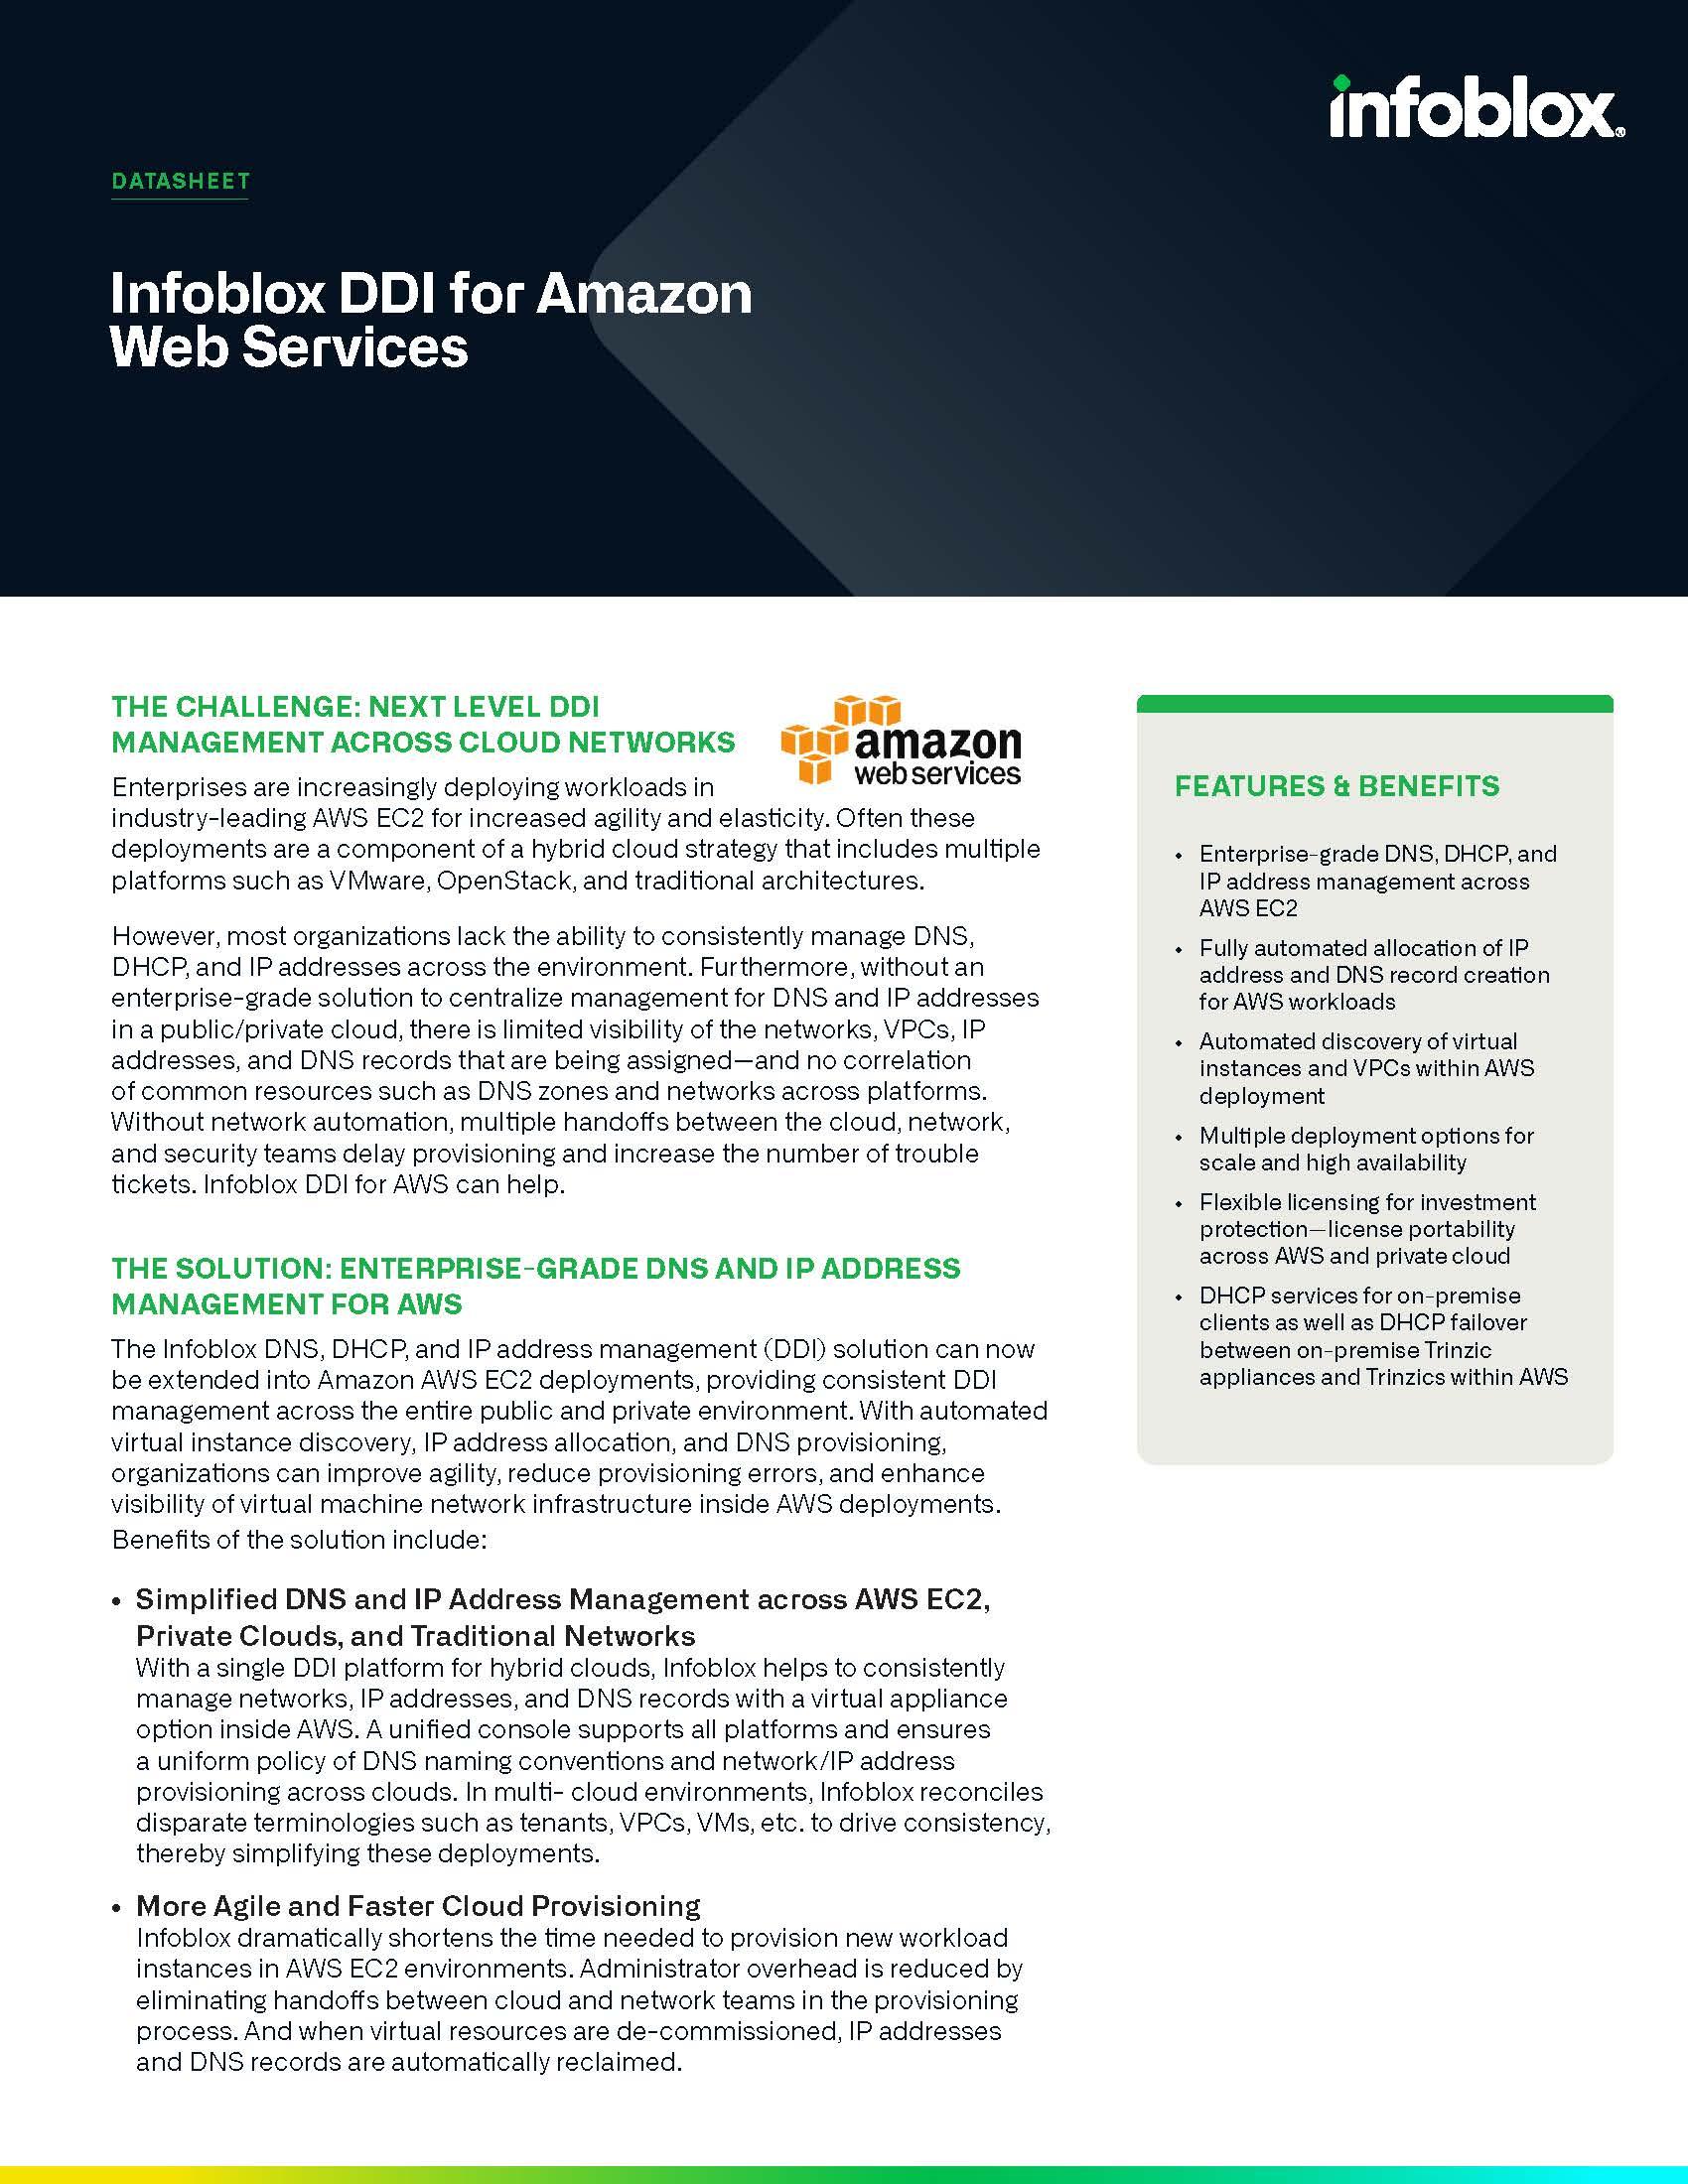 Infoblox DDI For Amazon Web Services